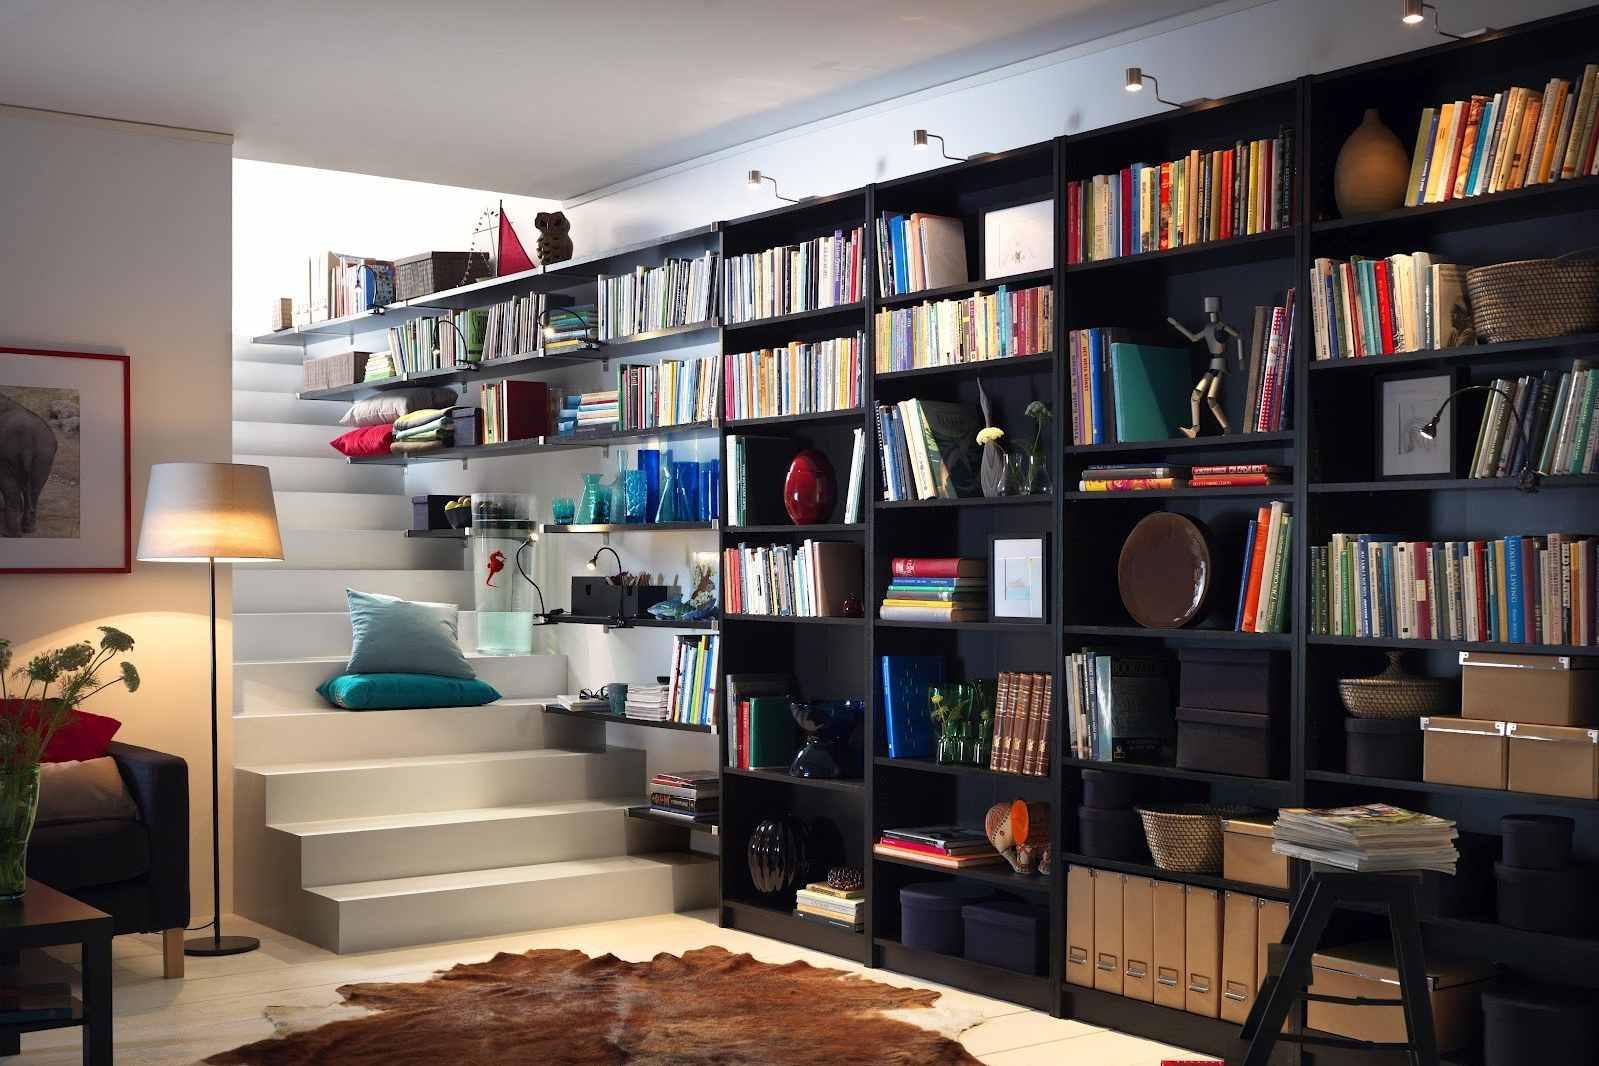 Libreria A Muro Moderna Ikea ikea billy hack: come trasformare la libreria più famosa al